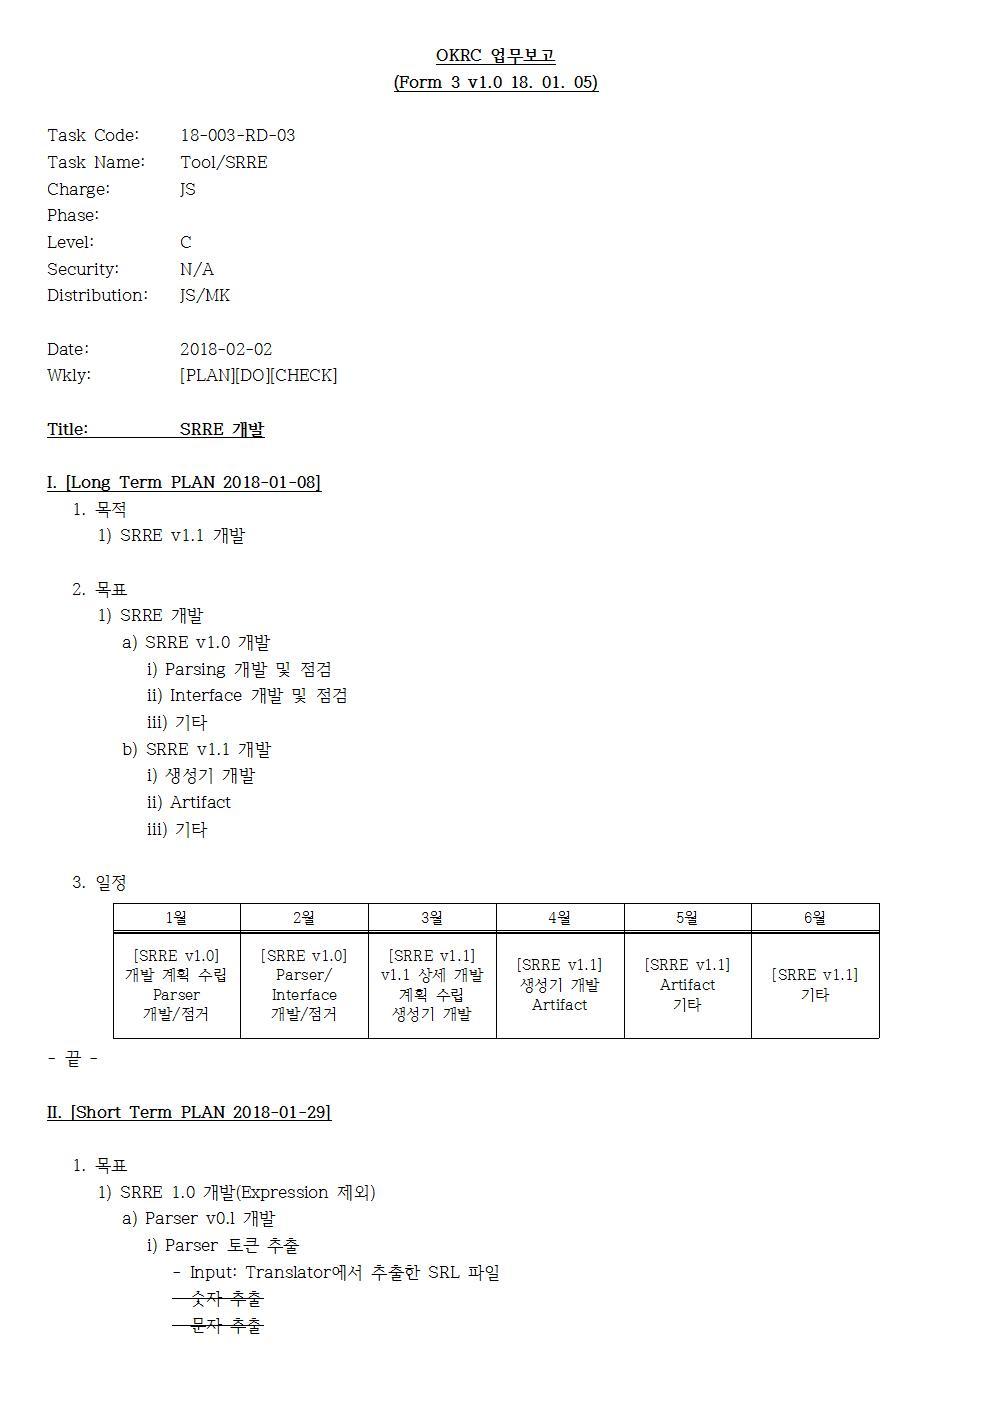 D-[18-003-RD-03]-[SRRE]-[2018-02-02][JS]001.jpg